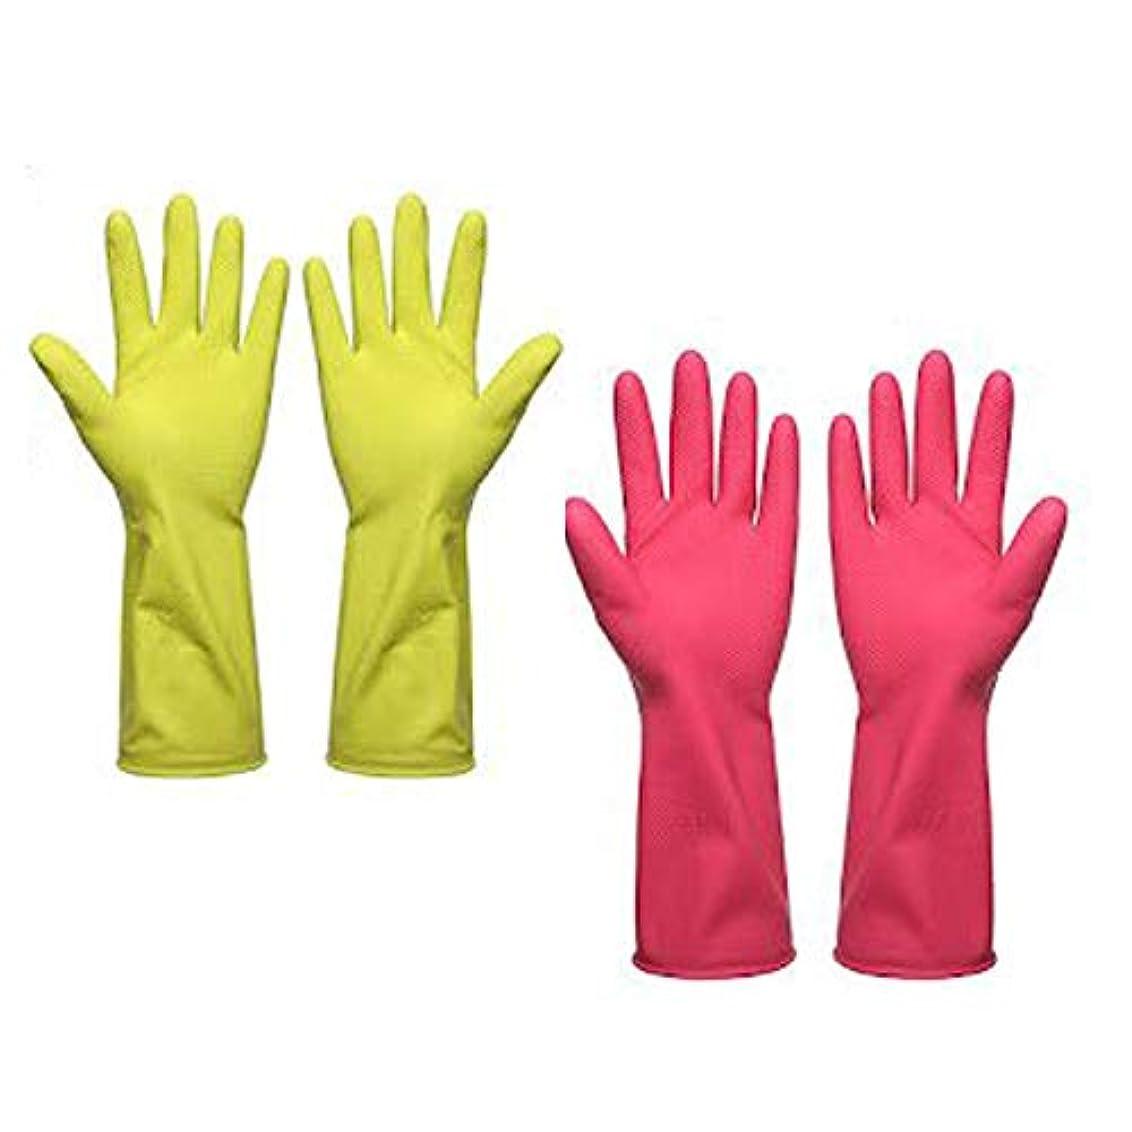 過言求めるワゴンゴム手袋 塩化ビニル樹脂 耐久性 防水 ピンクグリーン2組セット